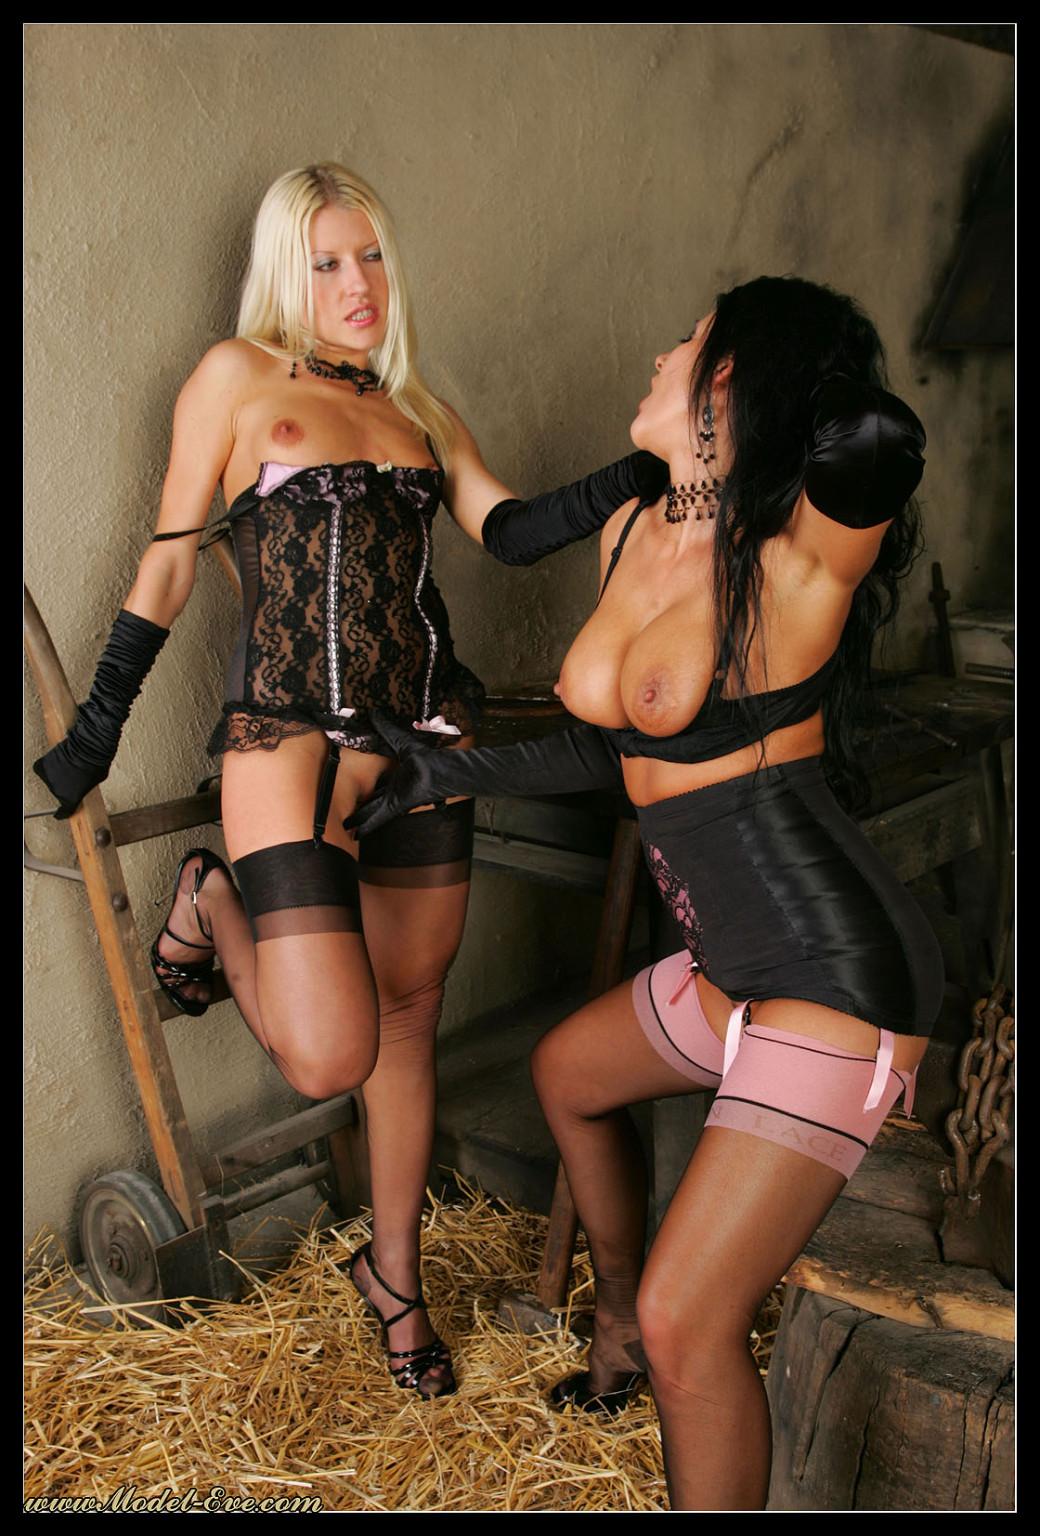 В старом заброшенном сарае две горячих лесбиянки лижут друг другу пизду